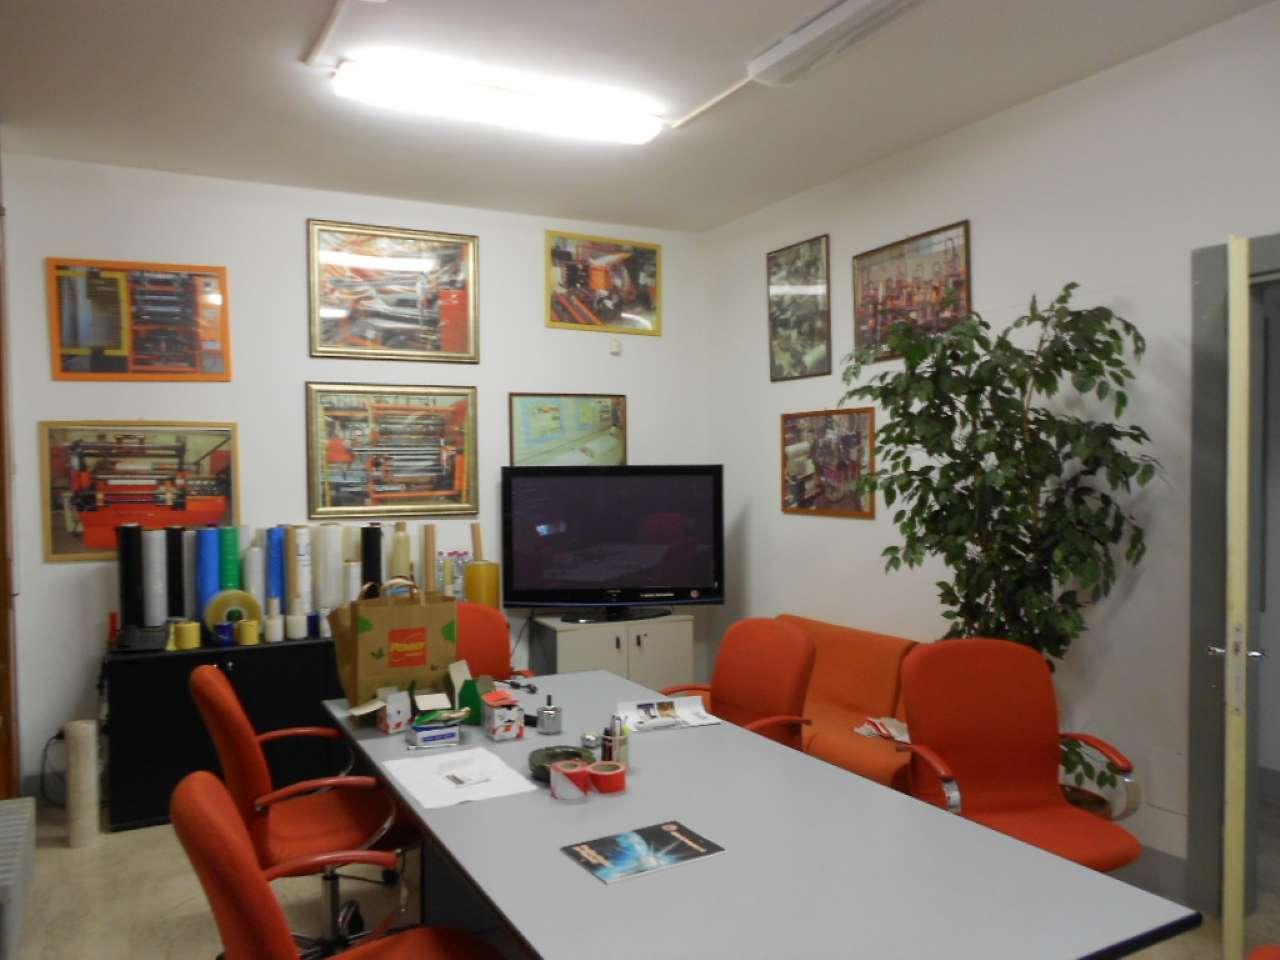 Laboratorio in vendita a Cernusco sul Naviglio, 10 locali, prezzo € 650.000 | CambioCasa.it